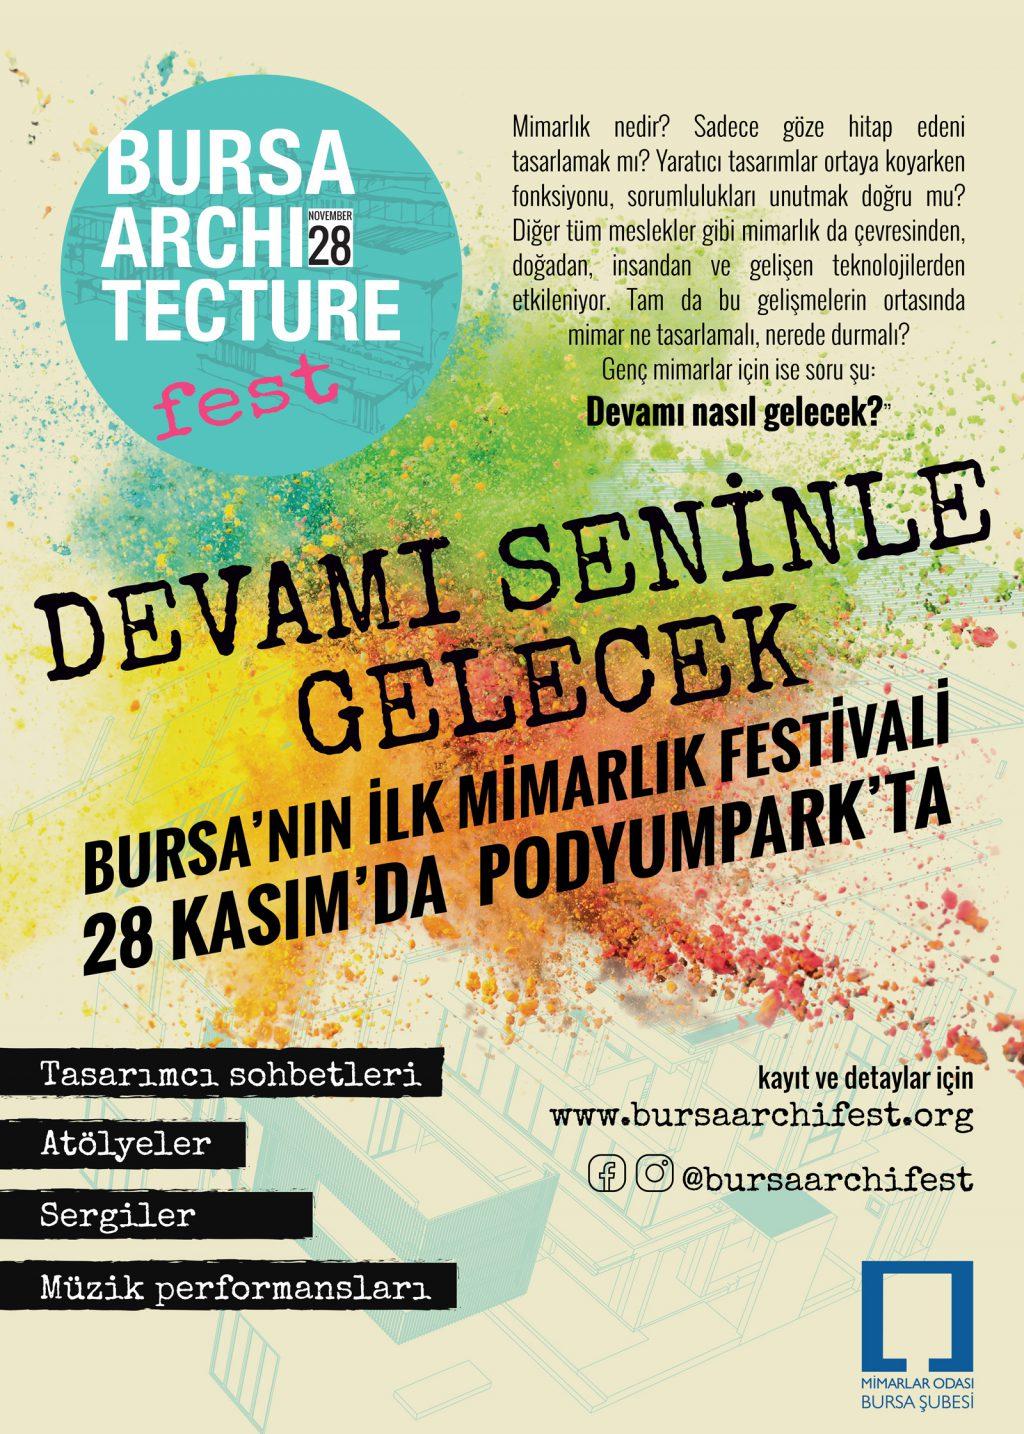 Bursa'nın İLK Mimarlık Festivali BURSA ARCHIFEST, 28 Kasım'da (Podyum Park)'ta…